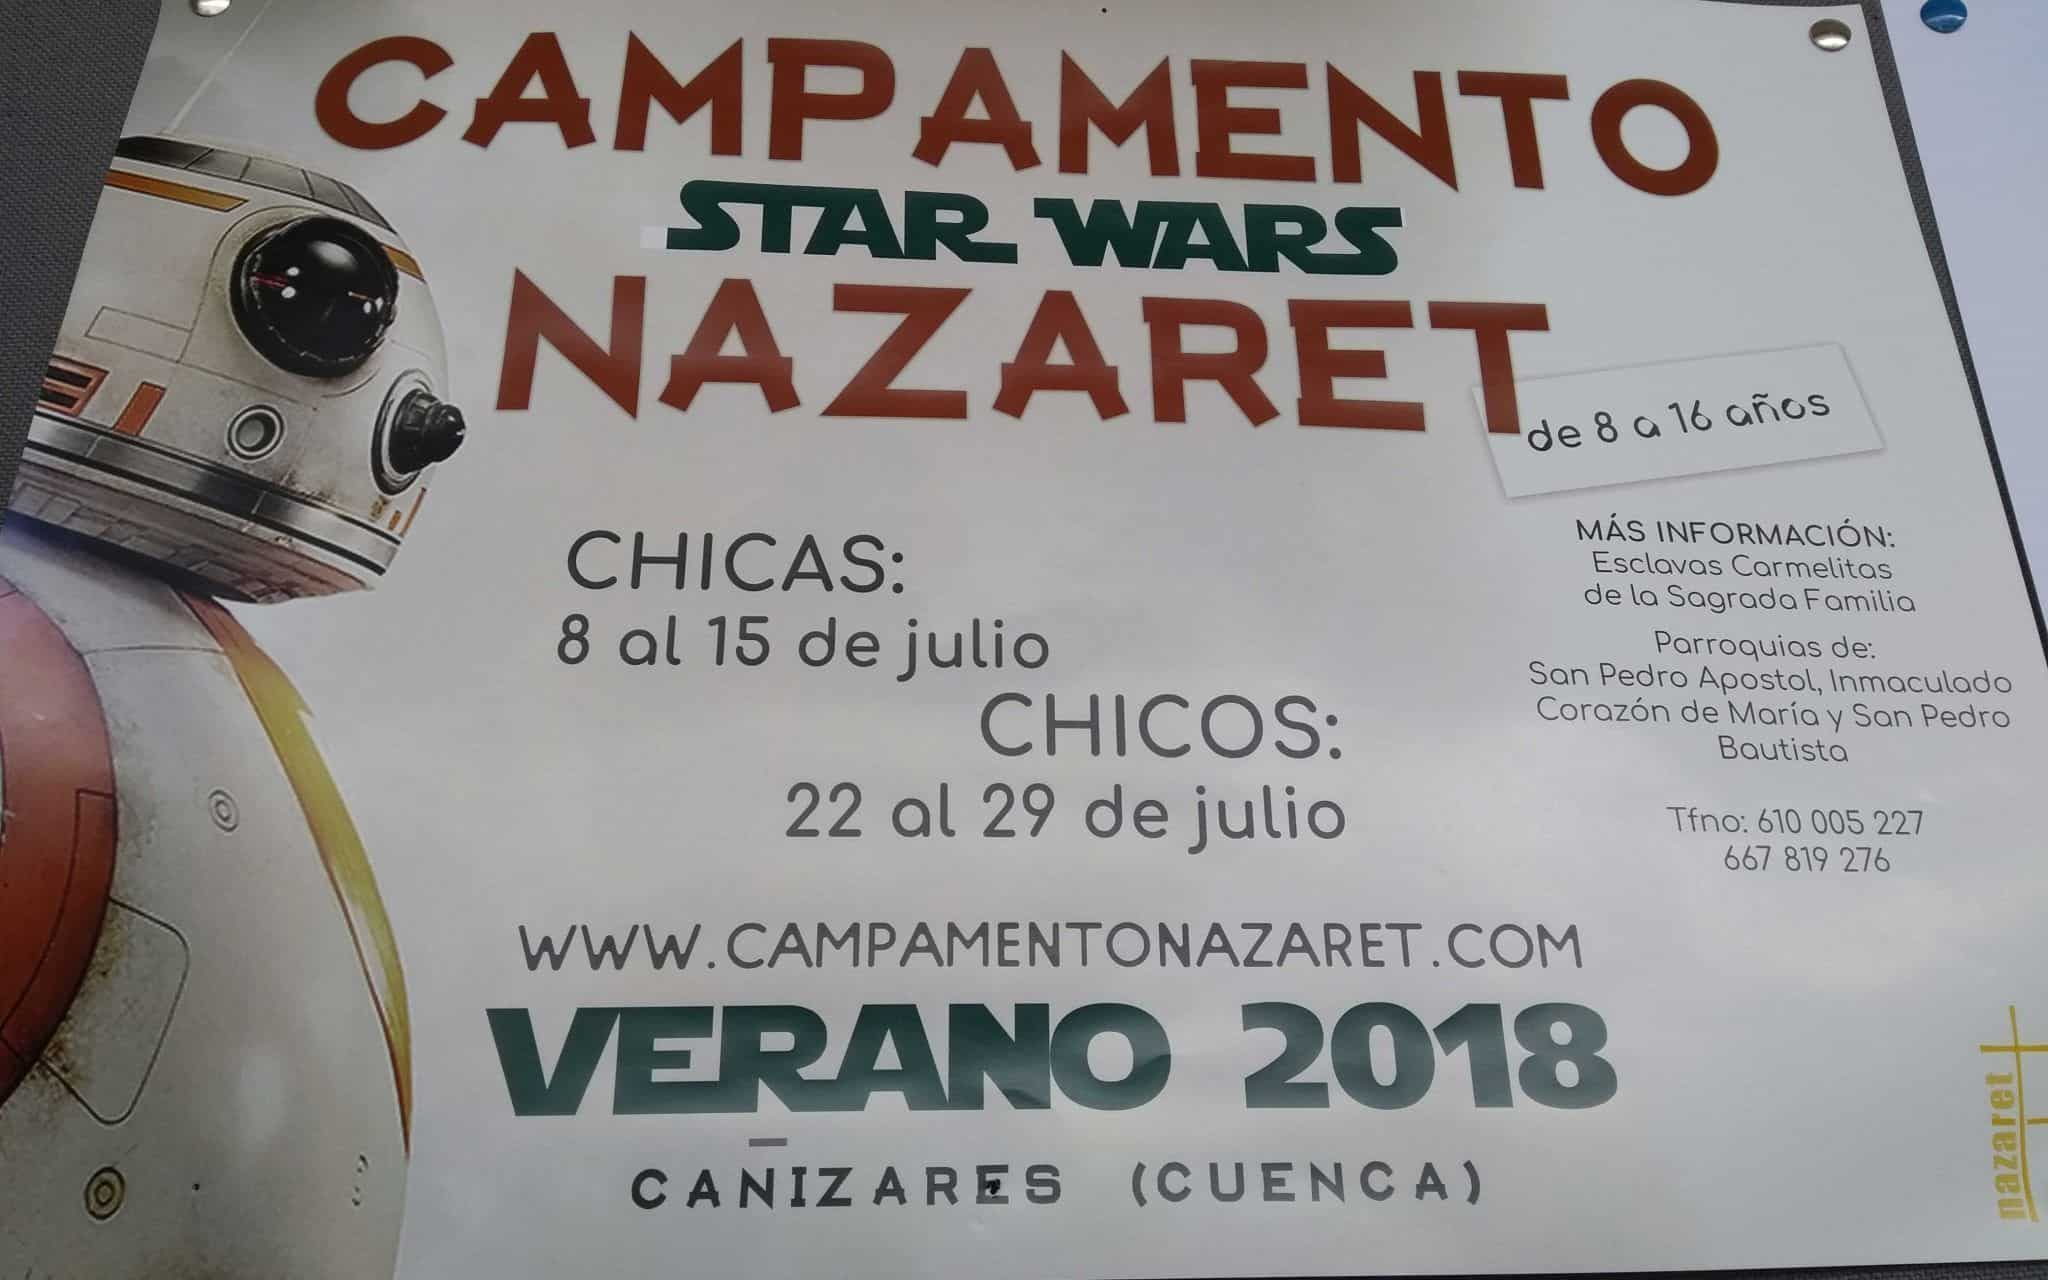 Campamento Star War Nazaret